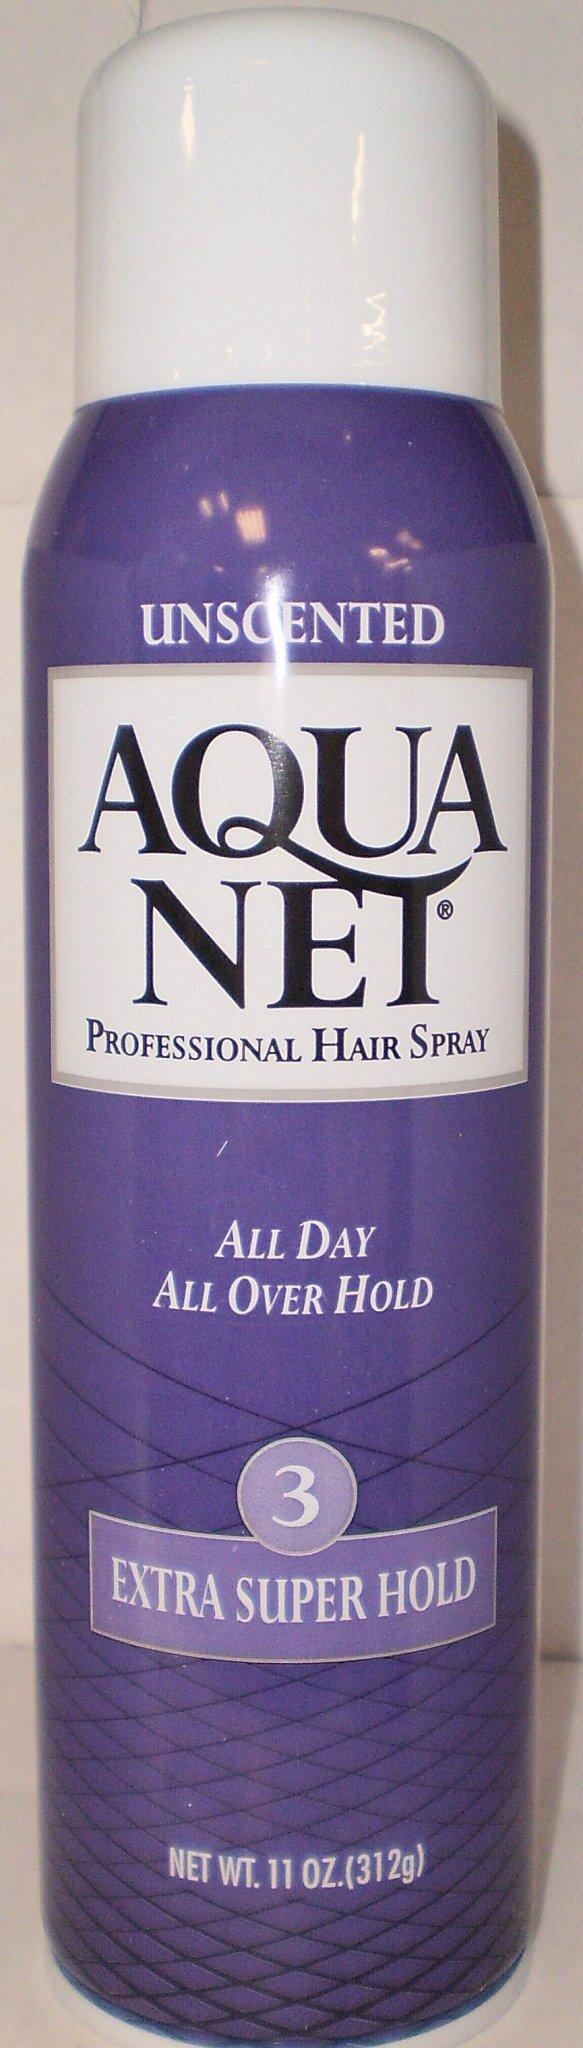 Aqua Net Extra Super Hold Unscented Hair Spray 11 Oz